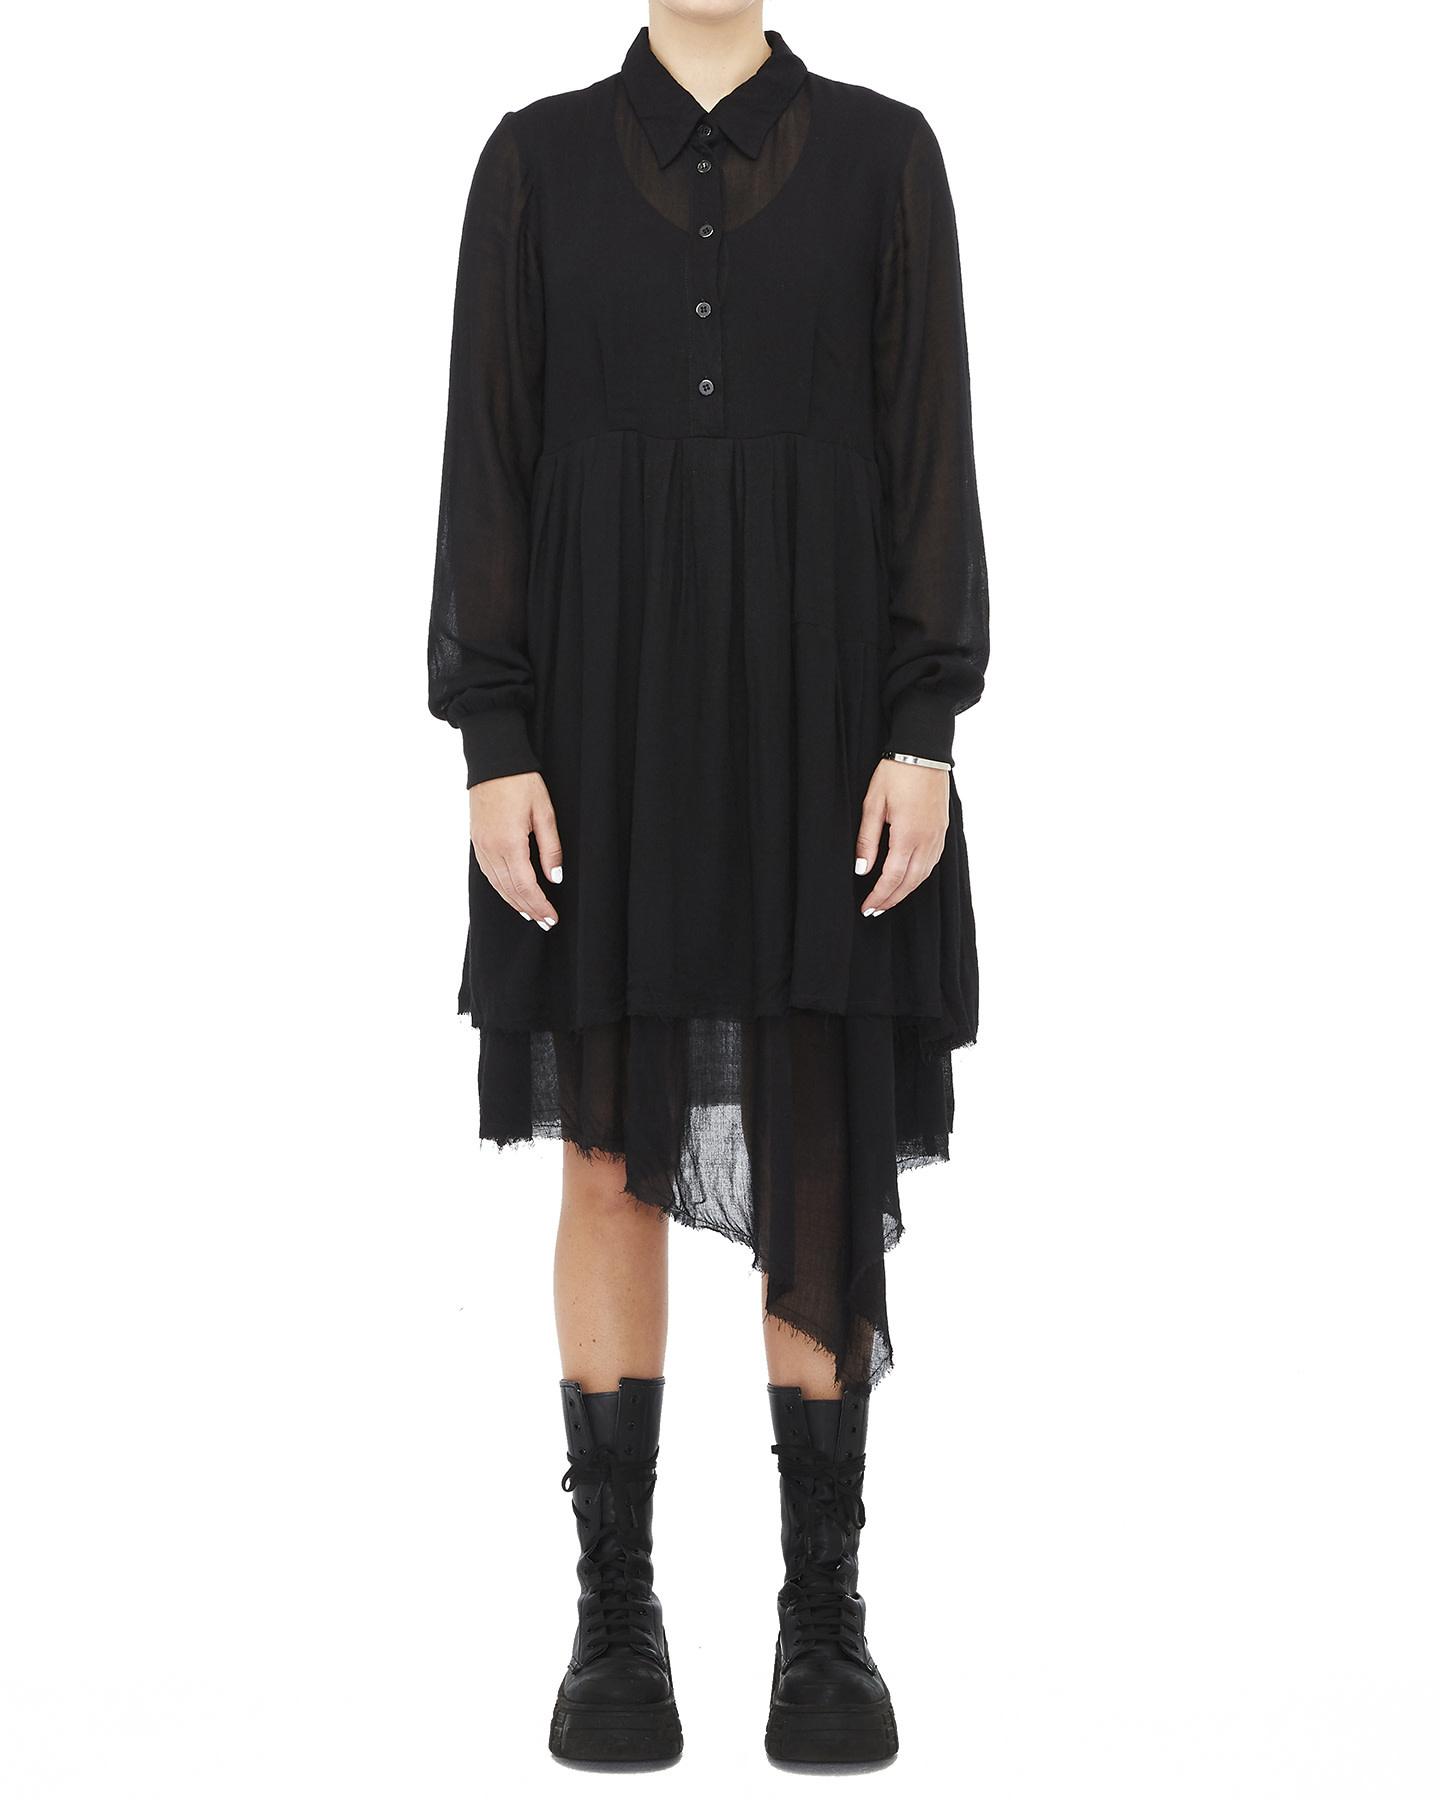 VISCOSE & WOOL RELAXED SHIRT DRESS